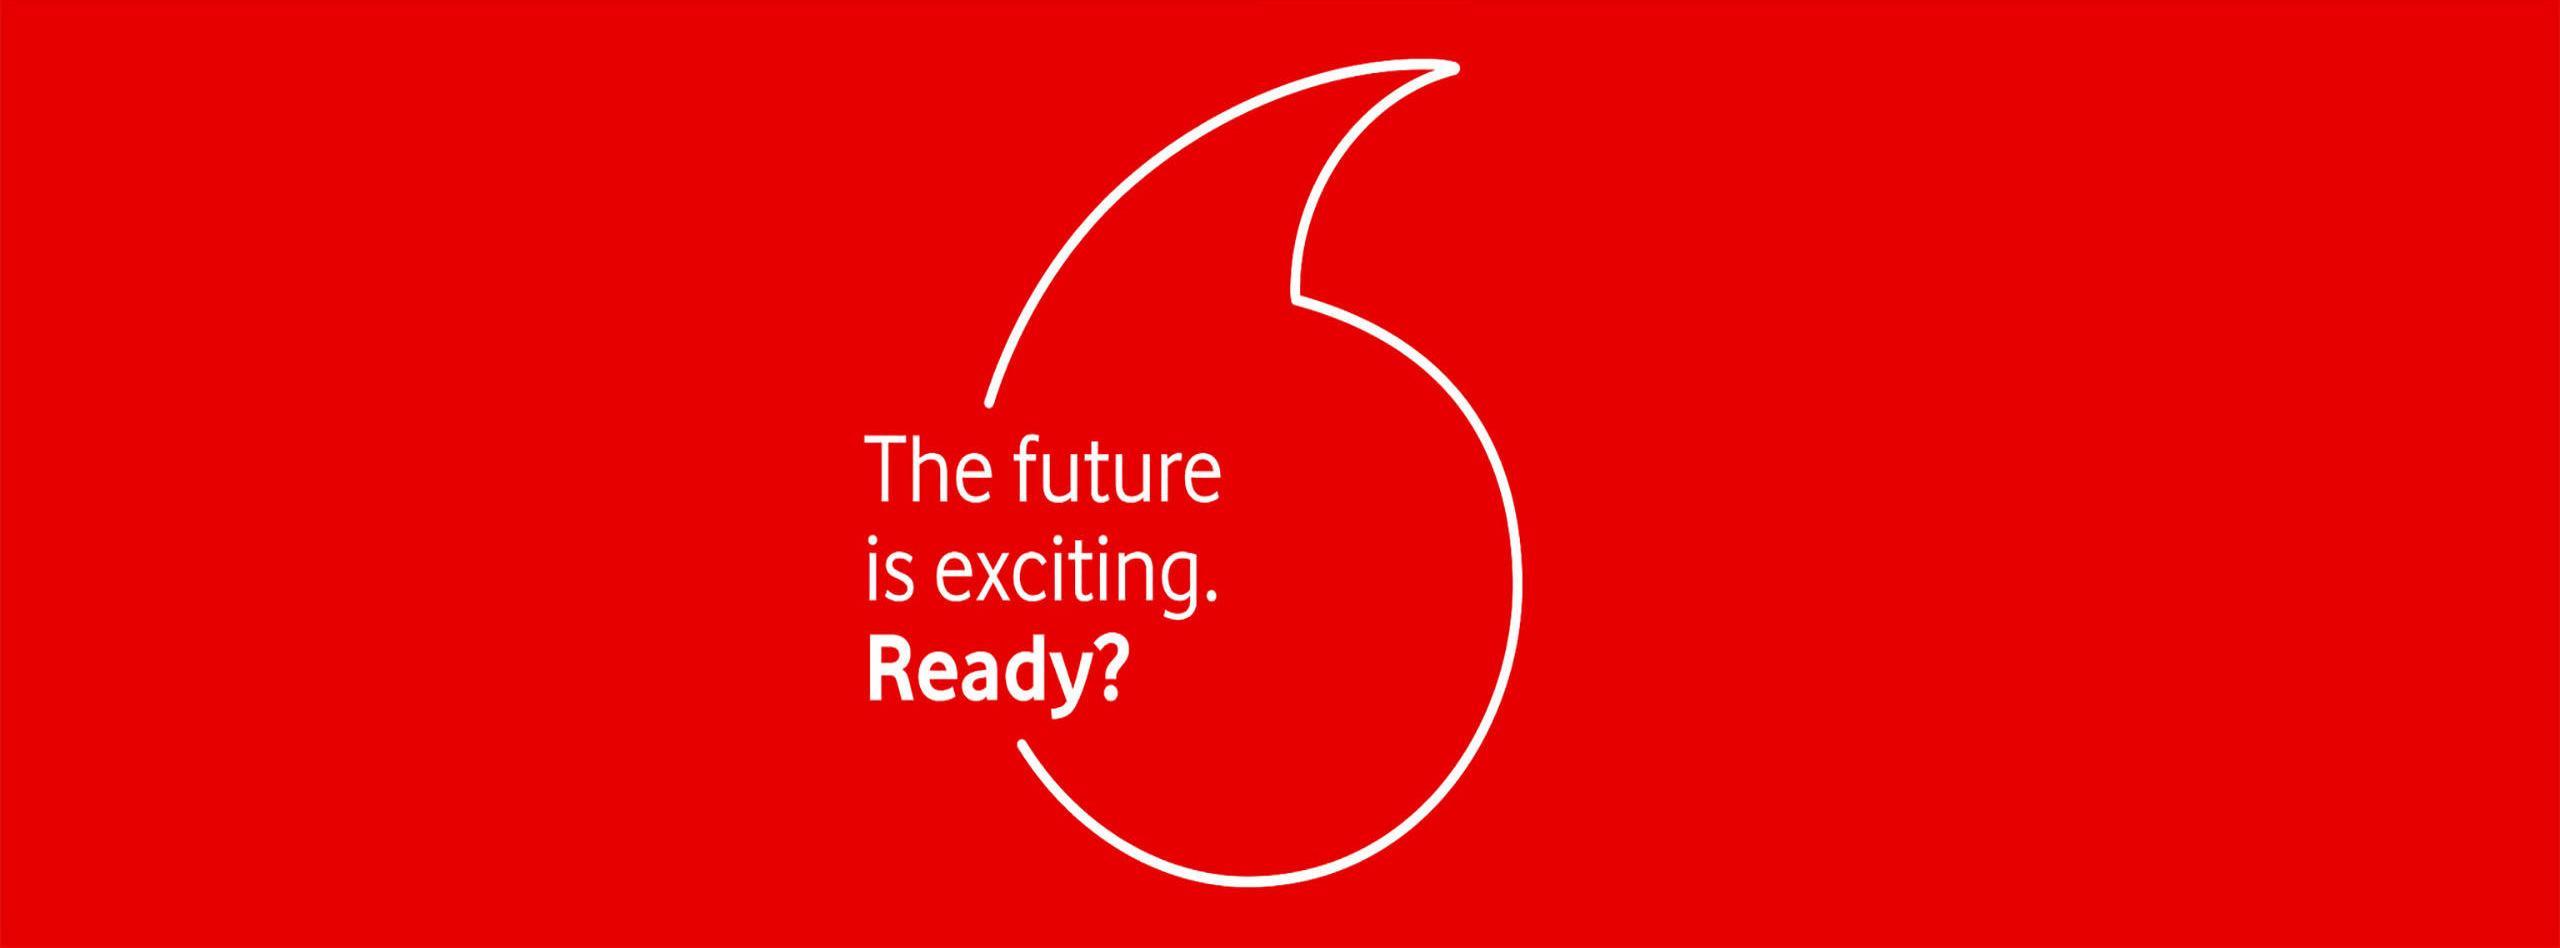 Моисей в мире технологий: о чем новое позиционирование и редизайн Vodafone